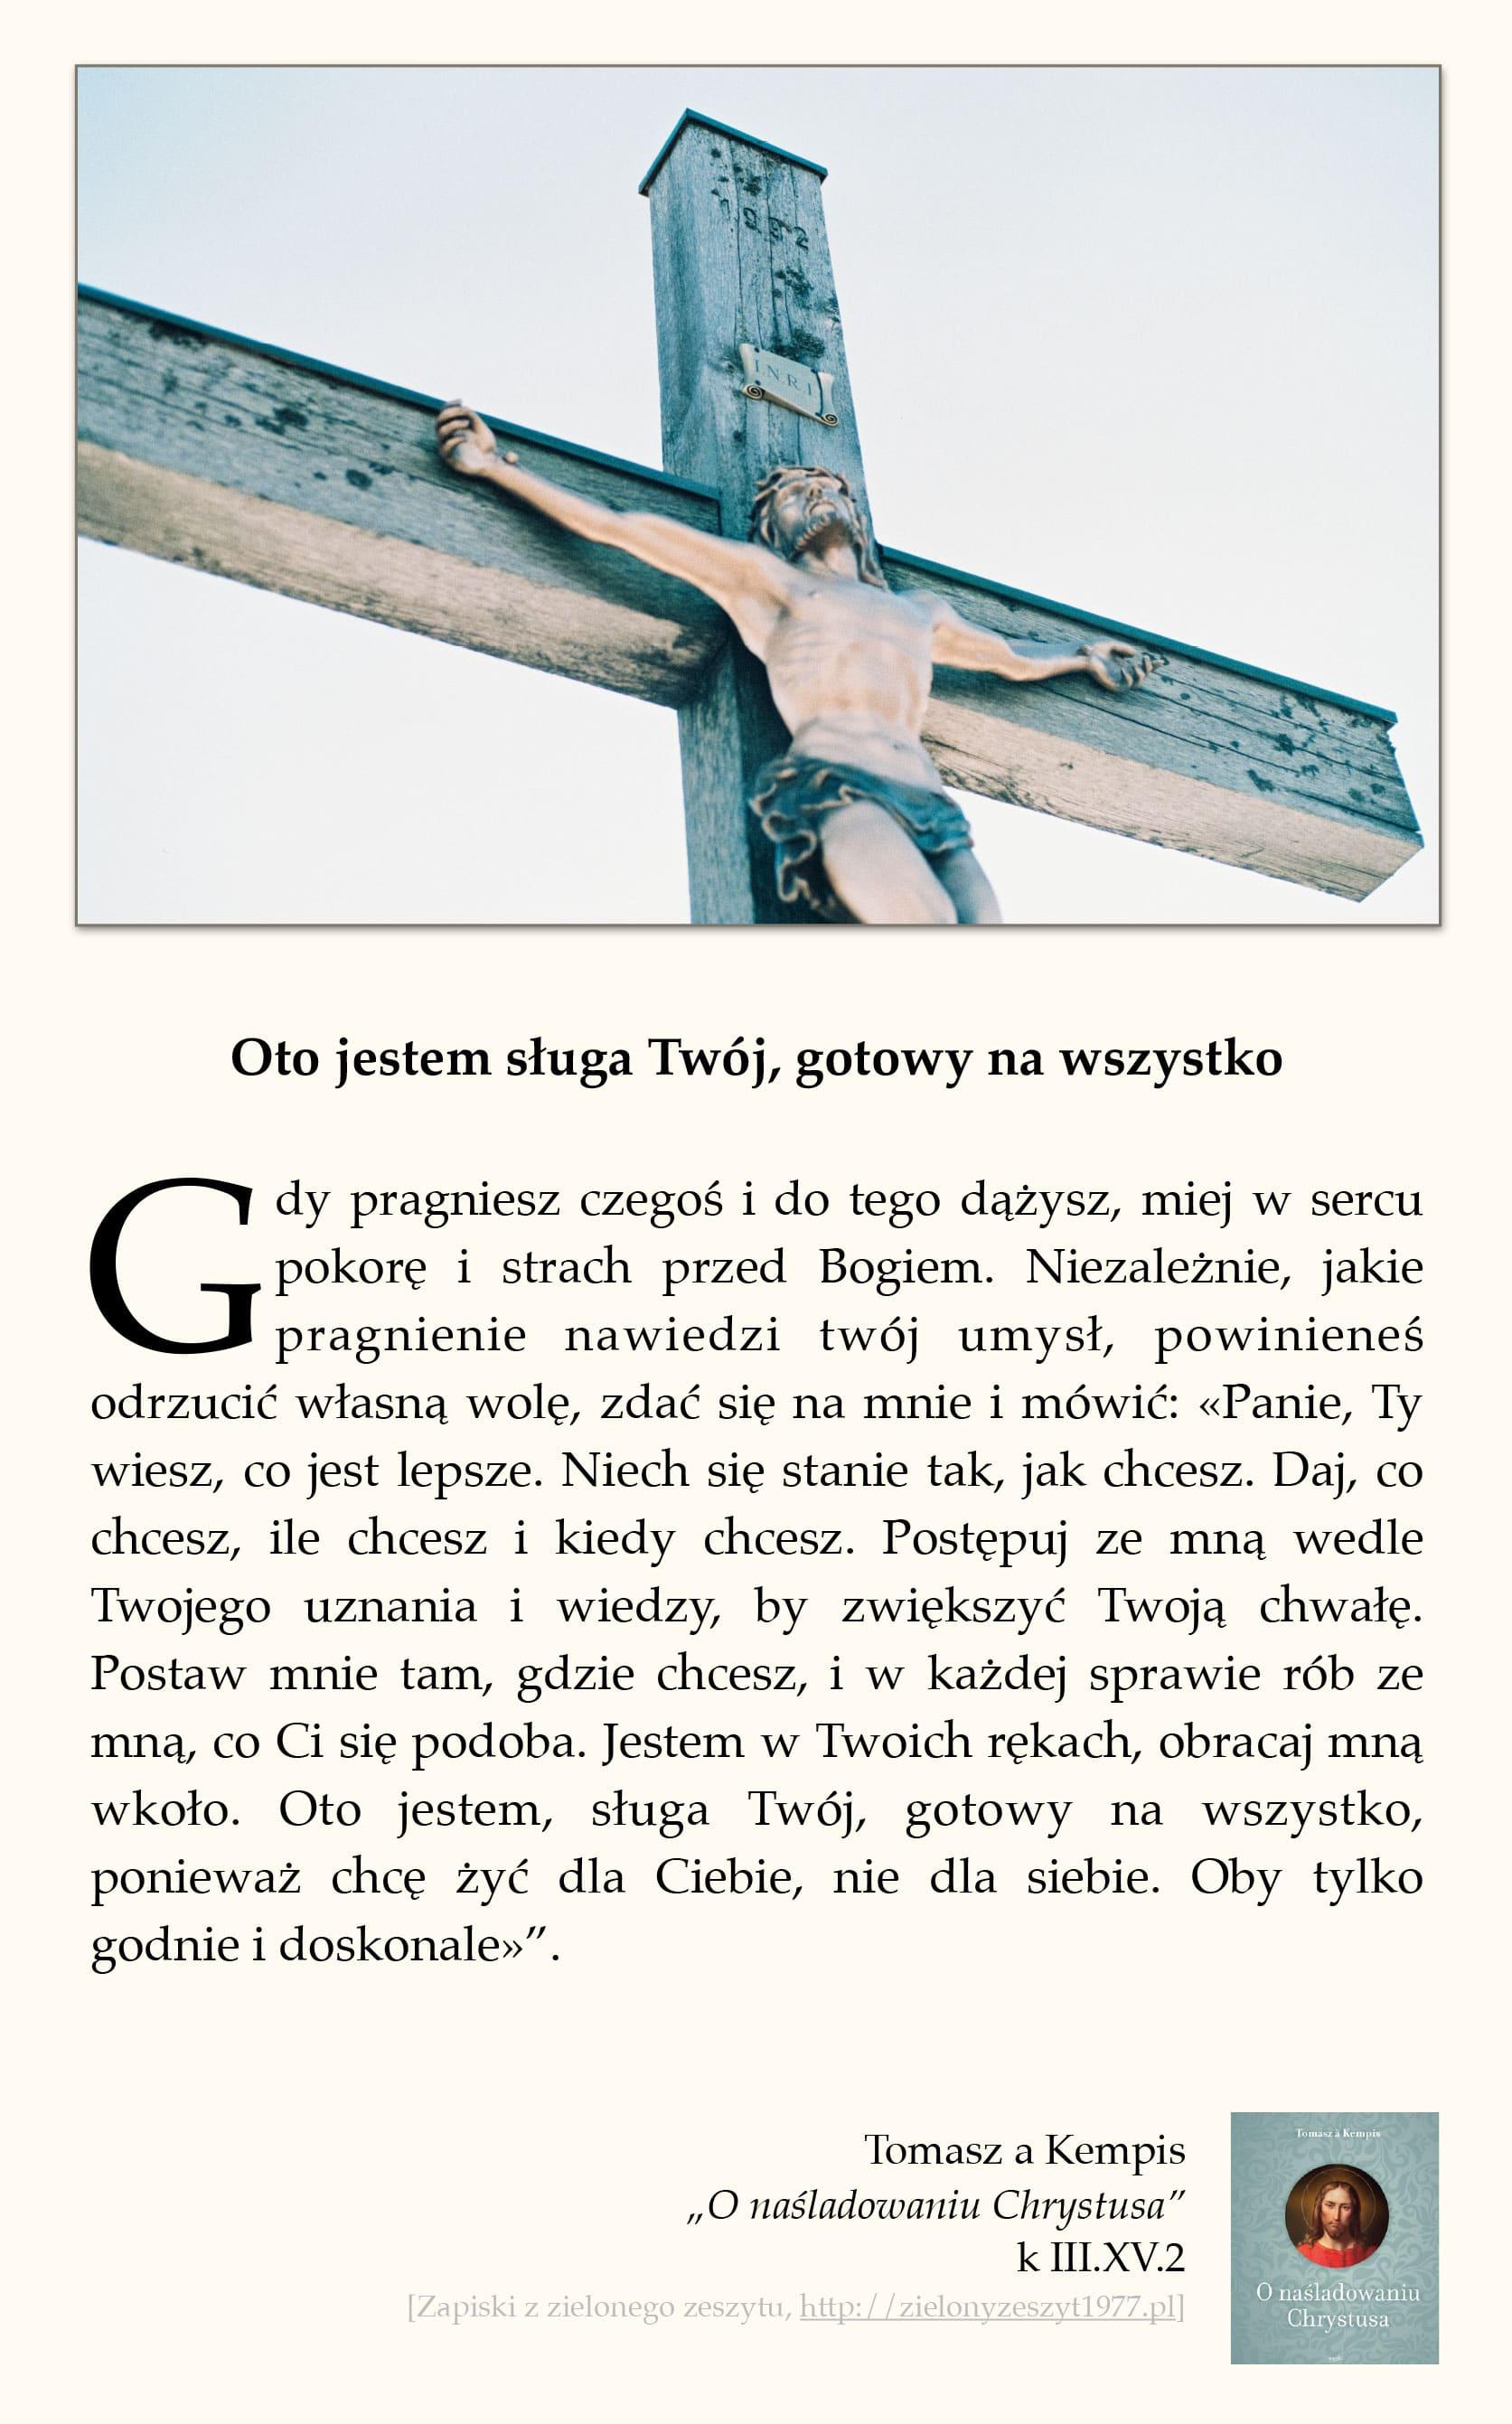 """Tomasz a Kempis, """"O naśladowaniu Chrystusa"""", k III.XV.2 (Oto jestem sługa Twój, gotowy na wszystko)"""